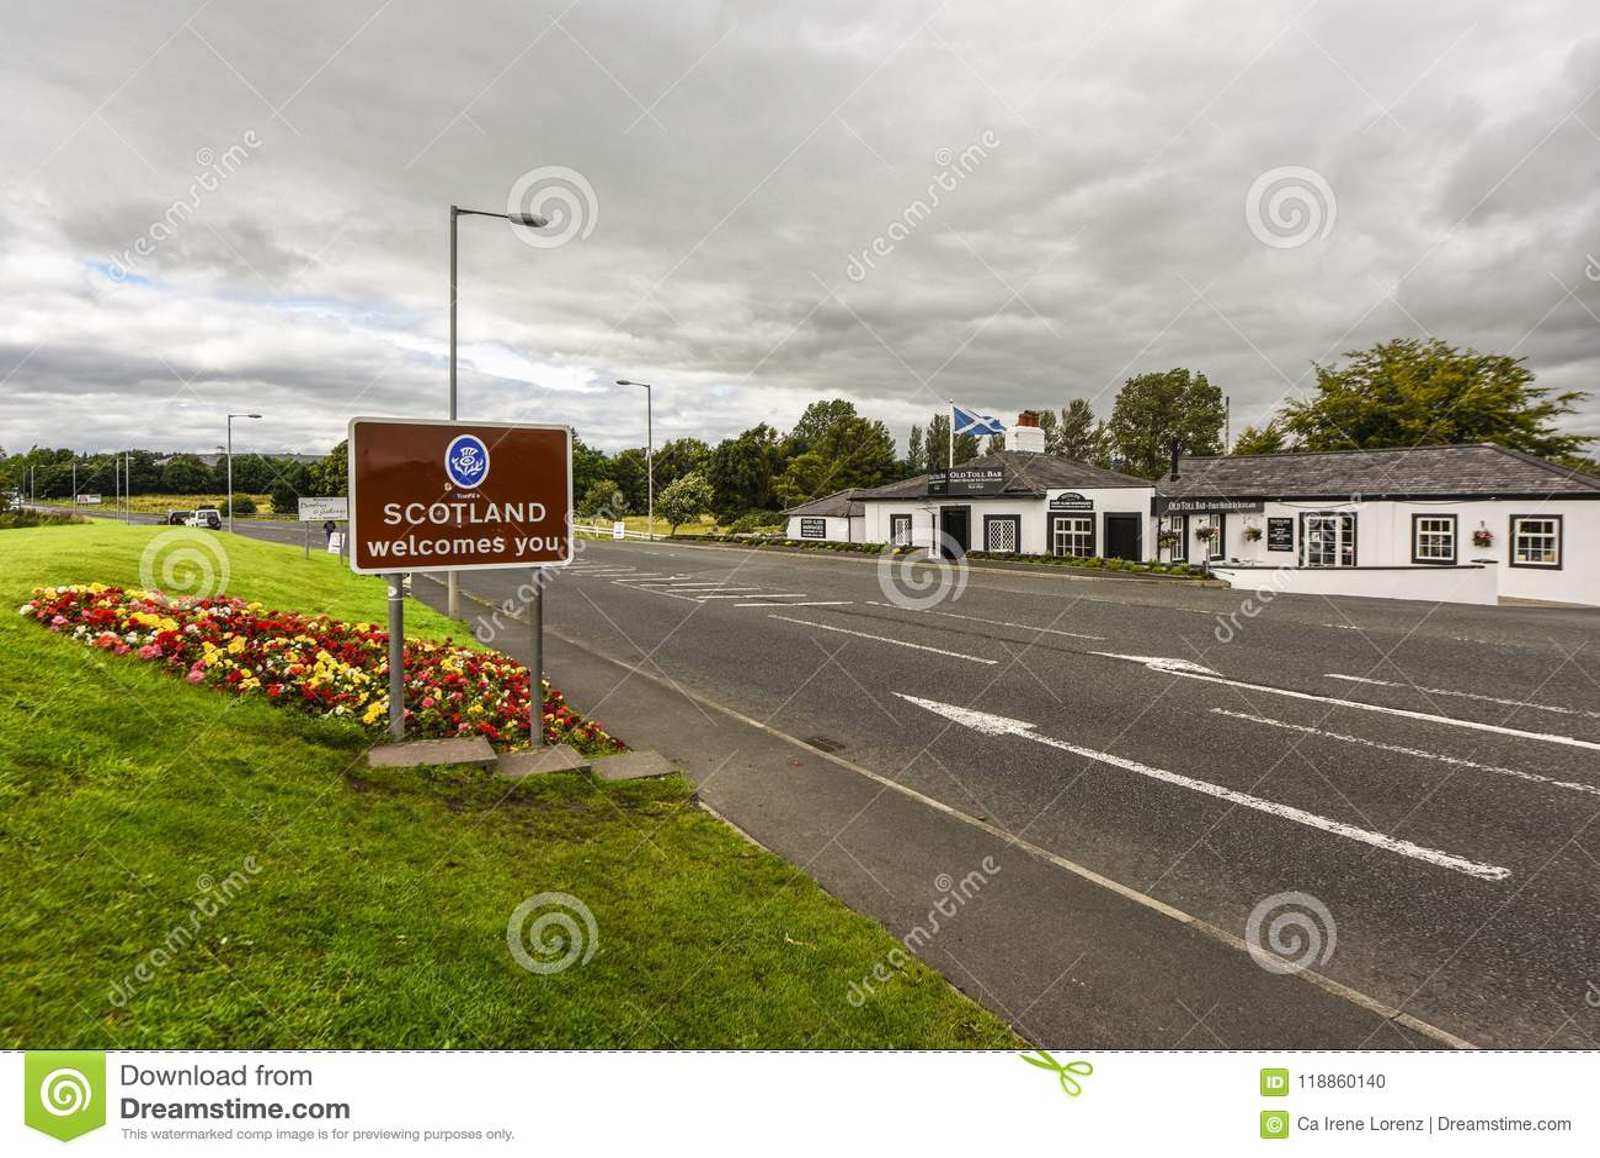 De grens aan Schotland met teken ` Schotland heet u welkom `, op de weg in Groot-Brittannië